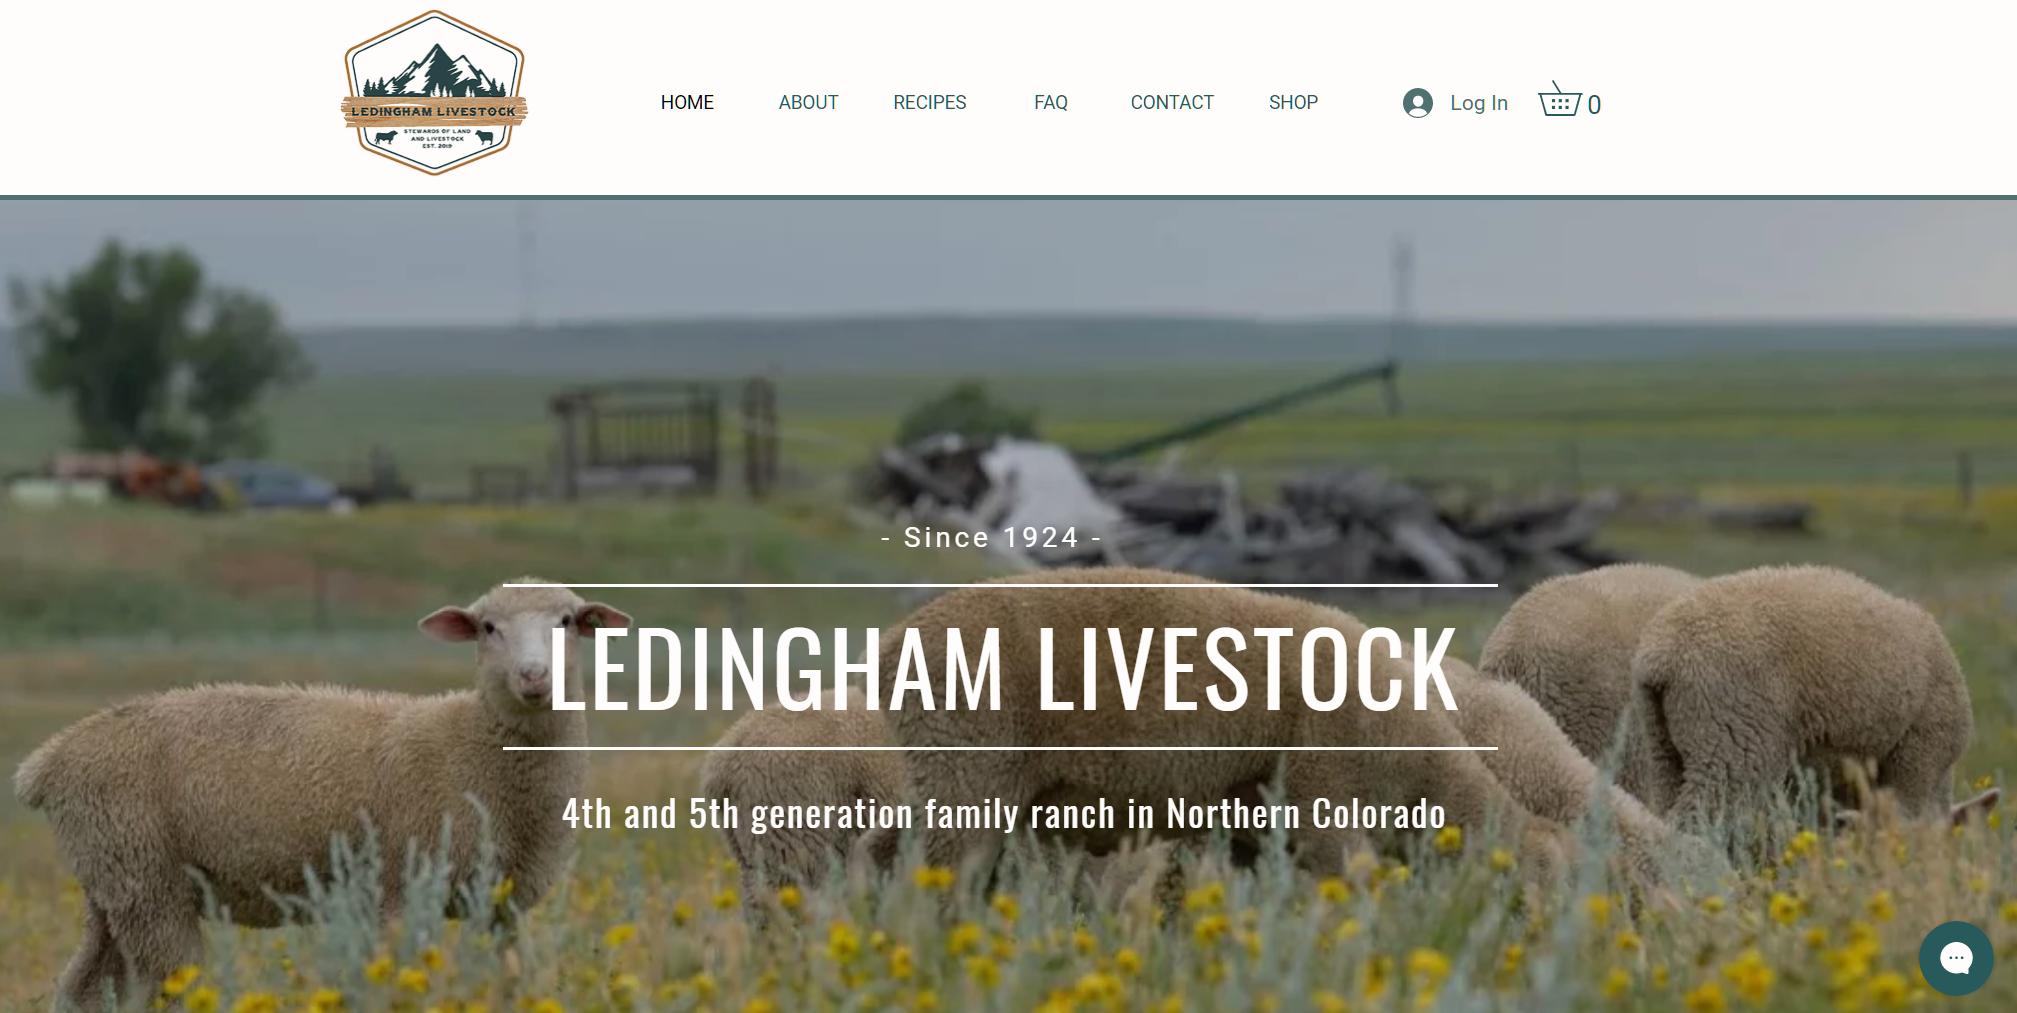 Ledingham Livestock